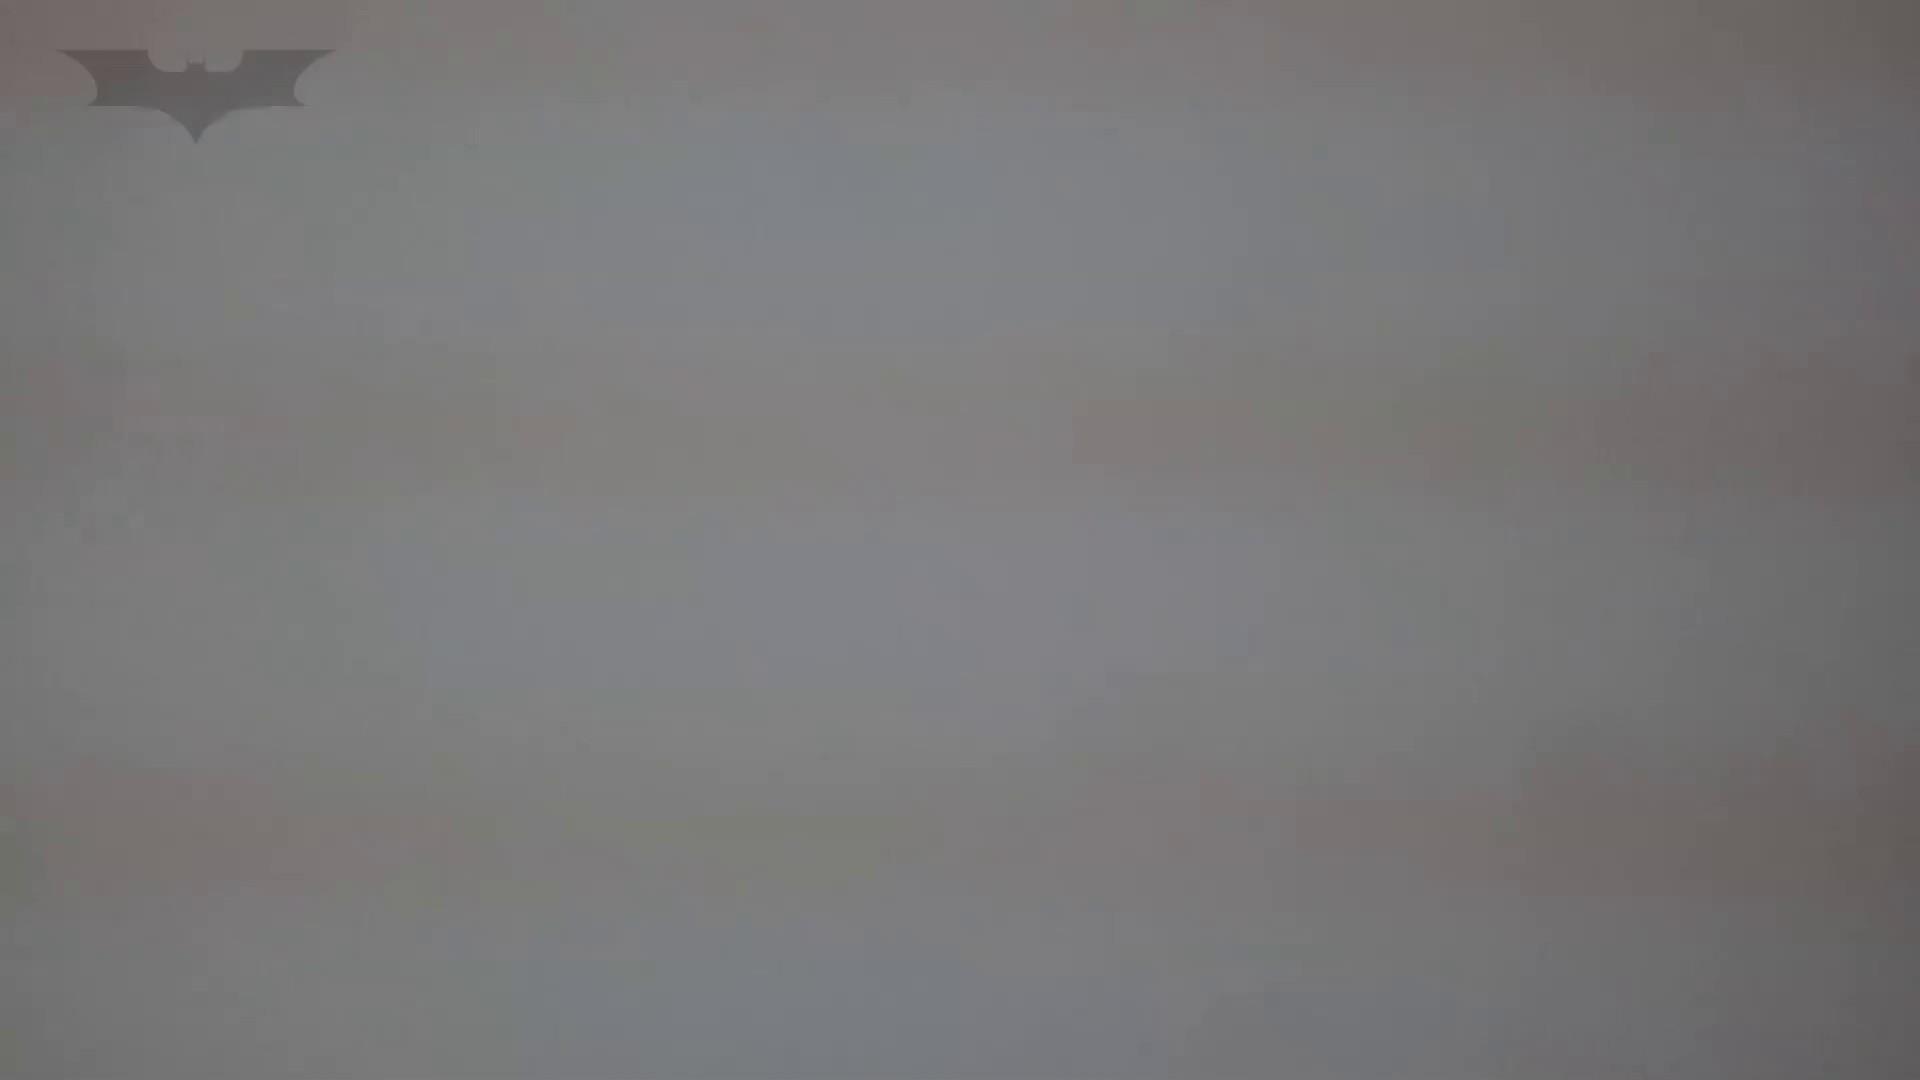 ハメ撮り|▲復活限定D▲化粧室絵巻 駅舎編 VOL.12 SEIFUKUマフラー特集!!|怪盗ジョーカー